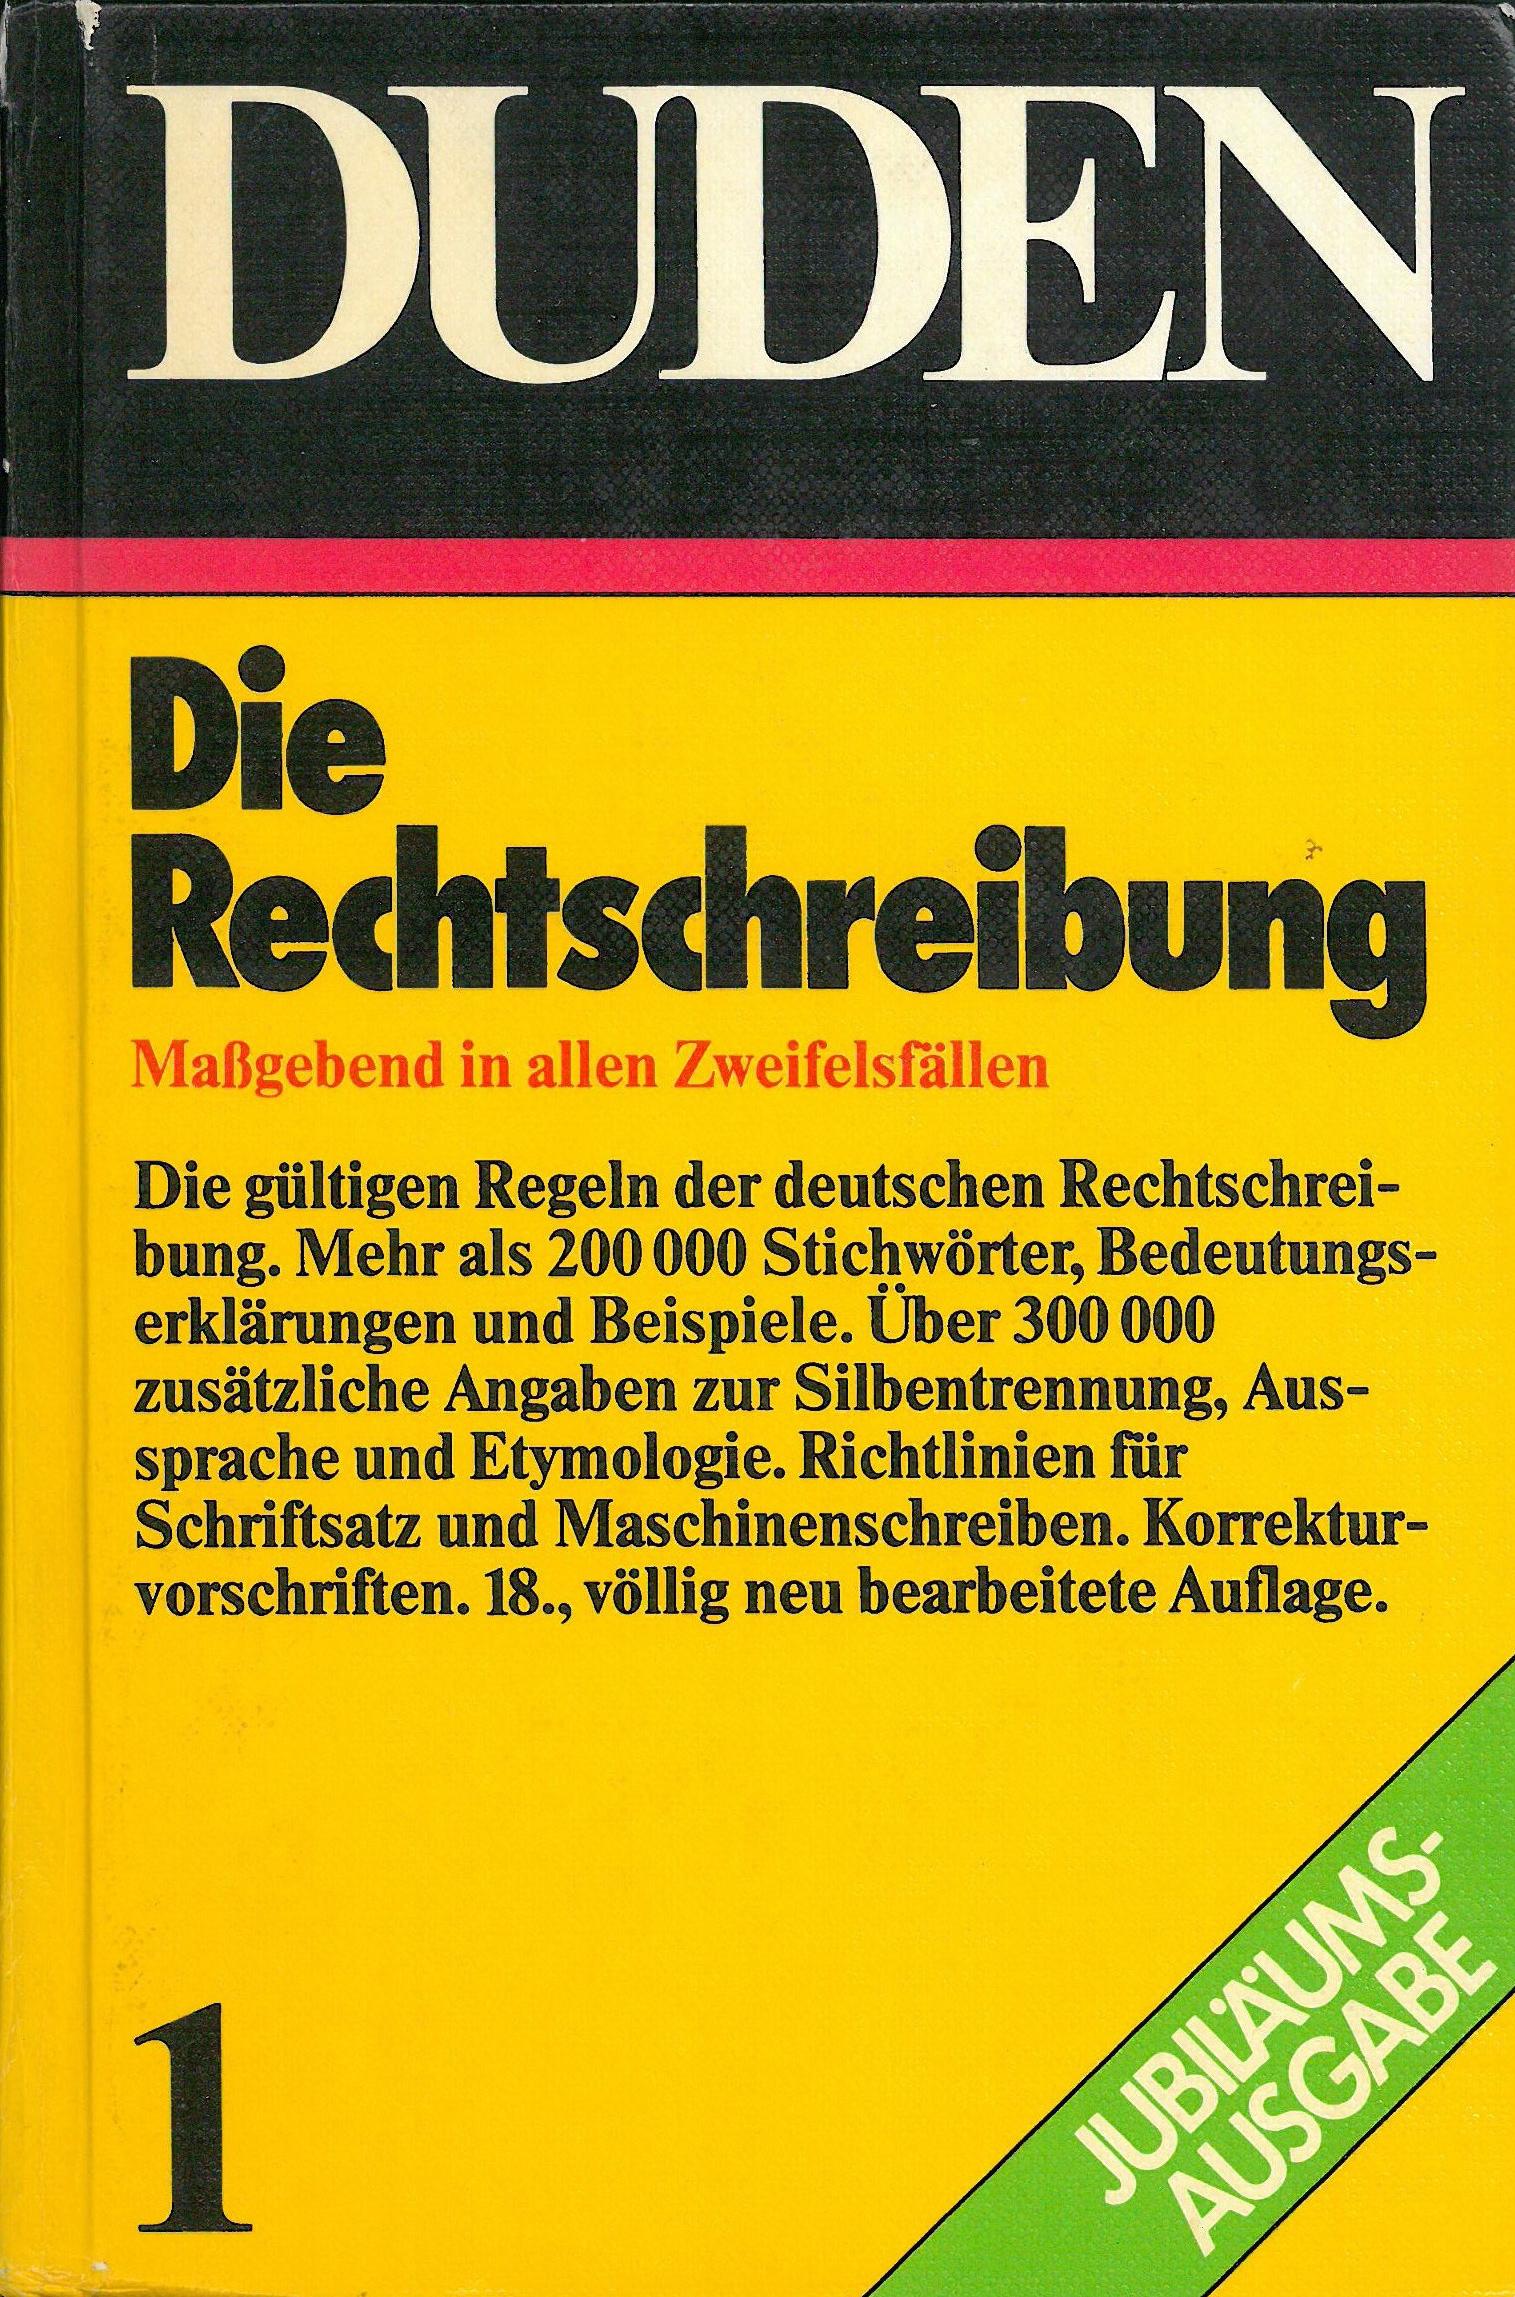 Buchcover Duden von 1980 BRD